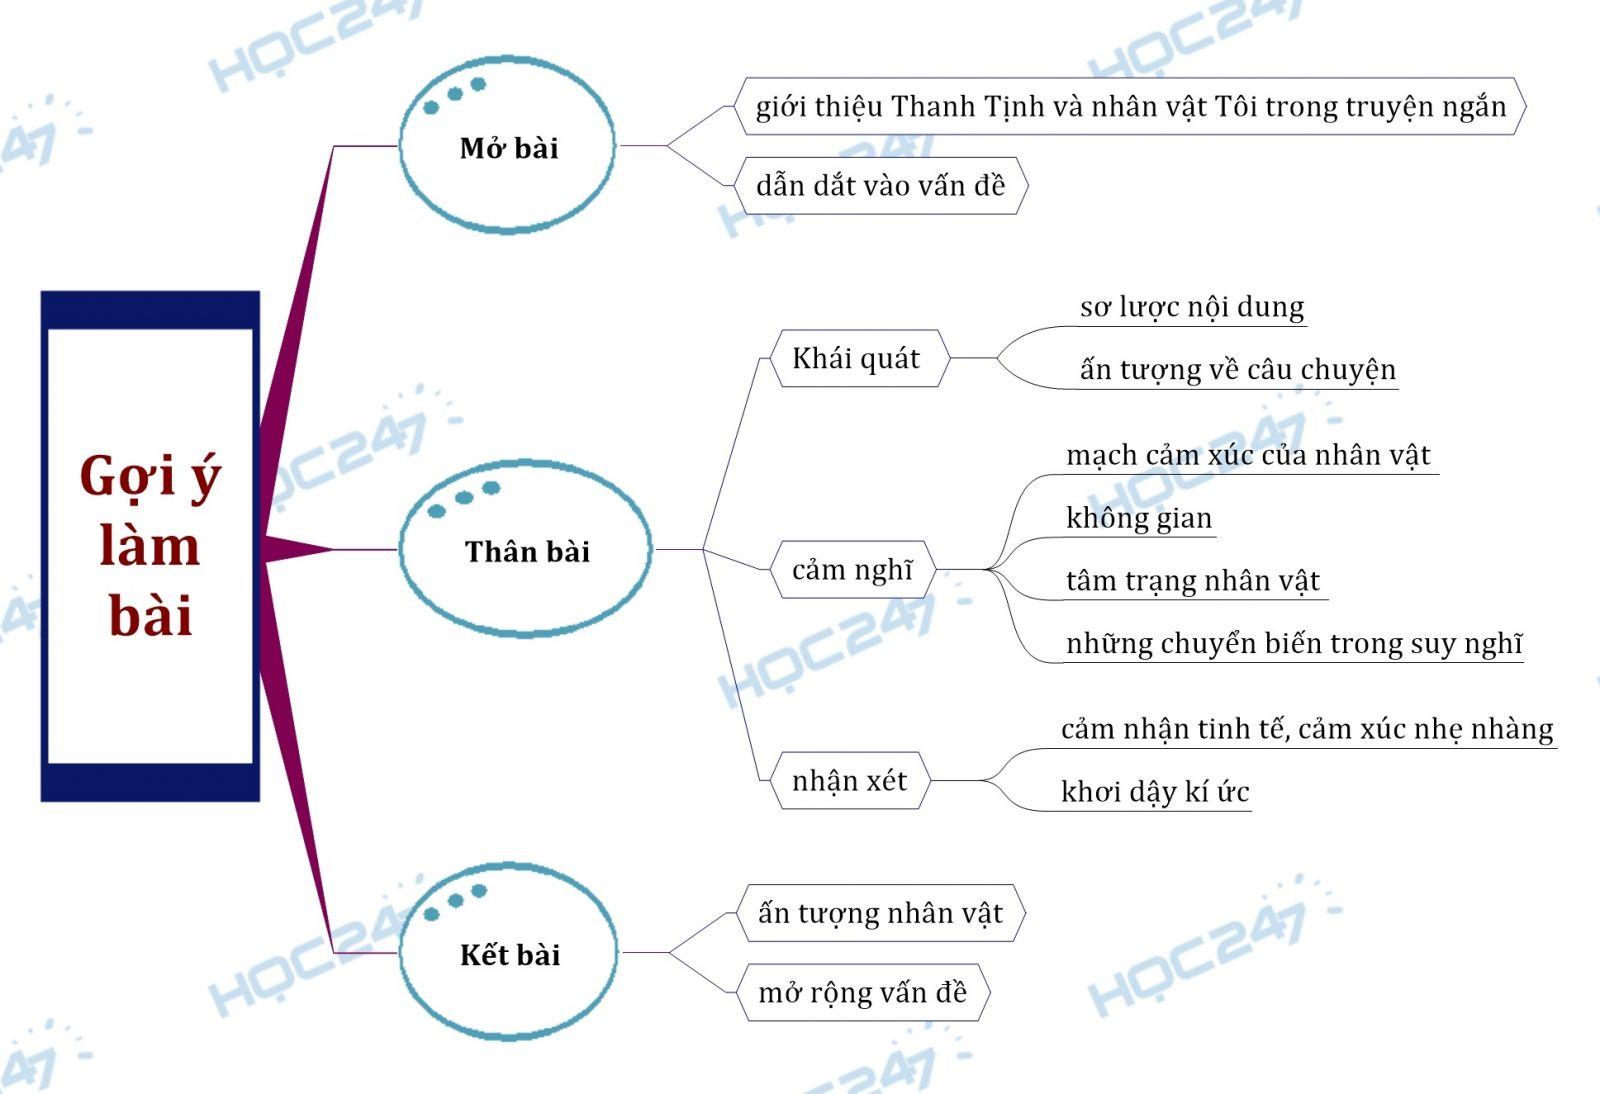 Sơ đồ tư duy - Cảm nghĩ về nhận vật tôi trong tác phẩm Tôi đi học của Thanh Tịnh.